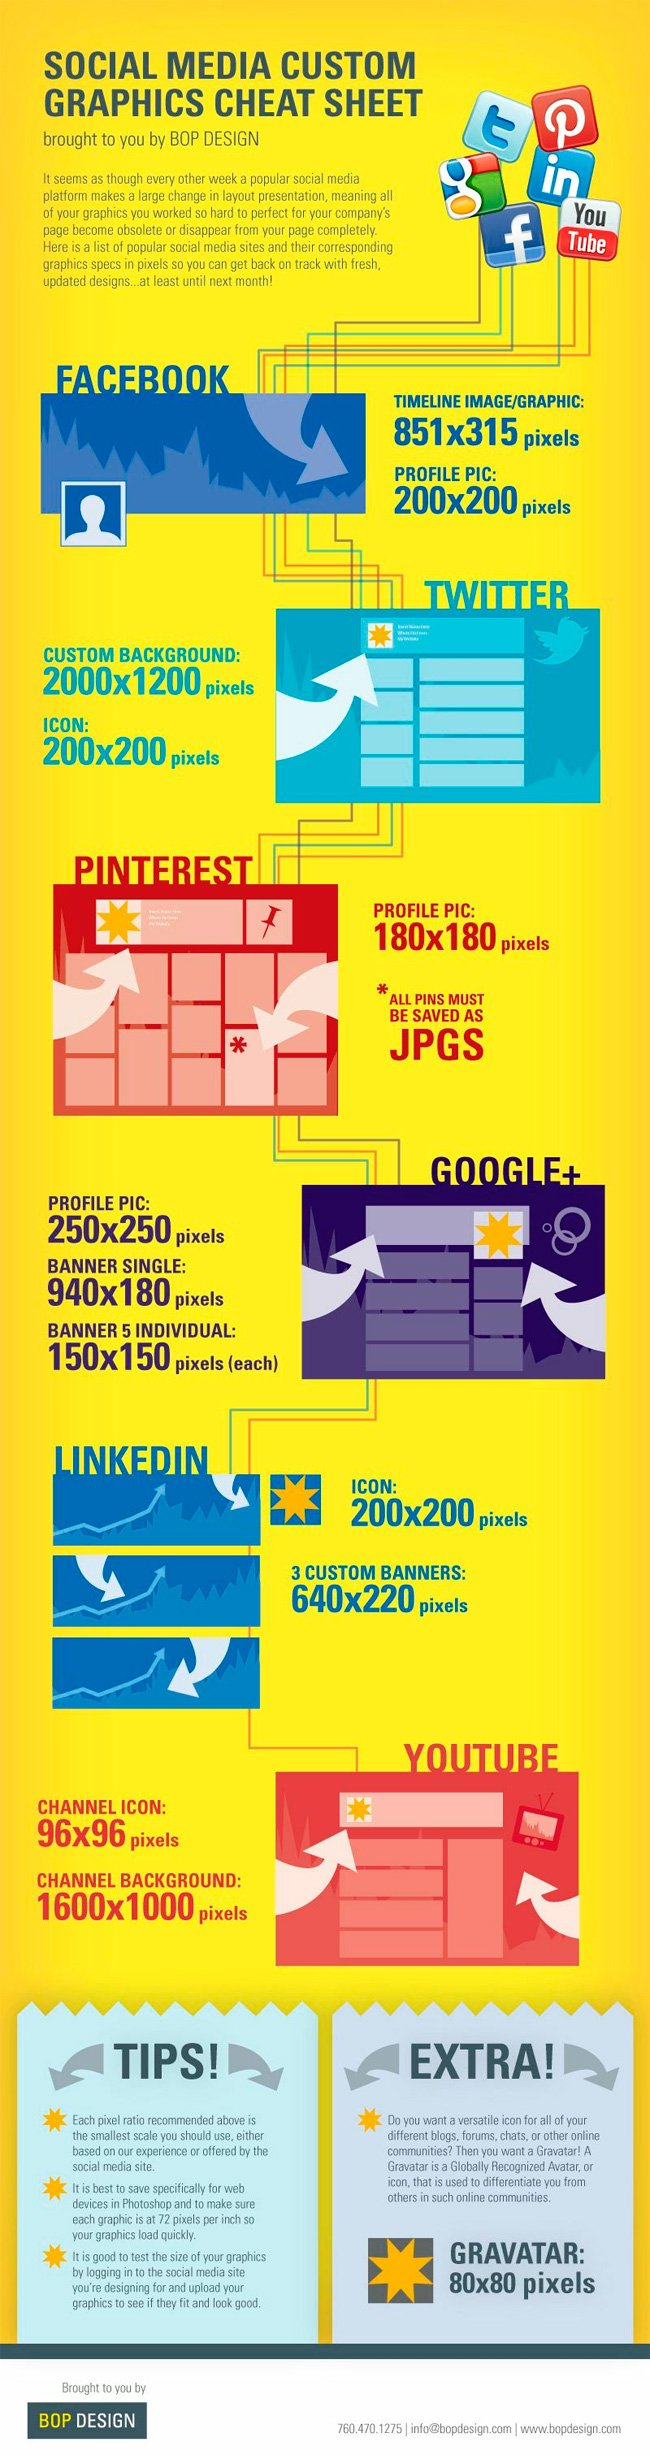 Hoja de atajos con las medidas de las imágenes en distintas Redes Sociales